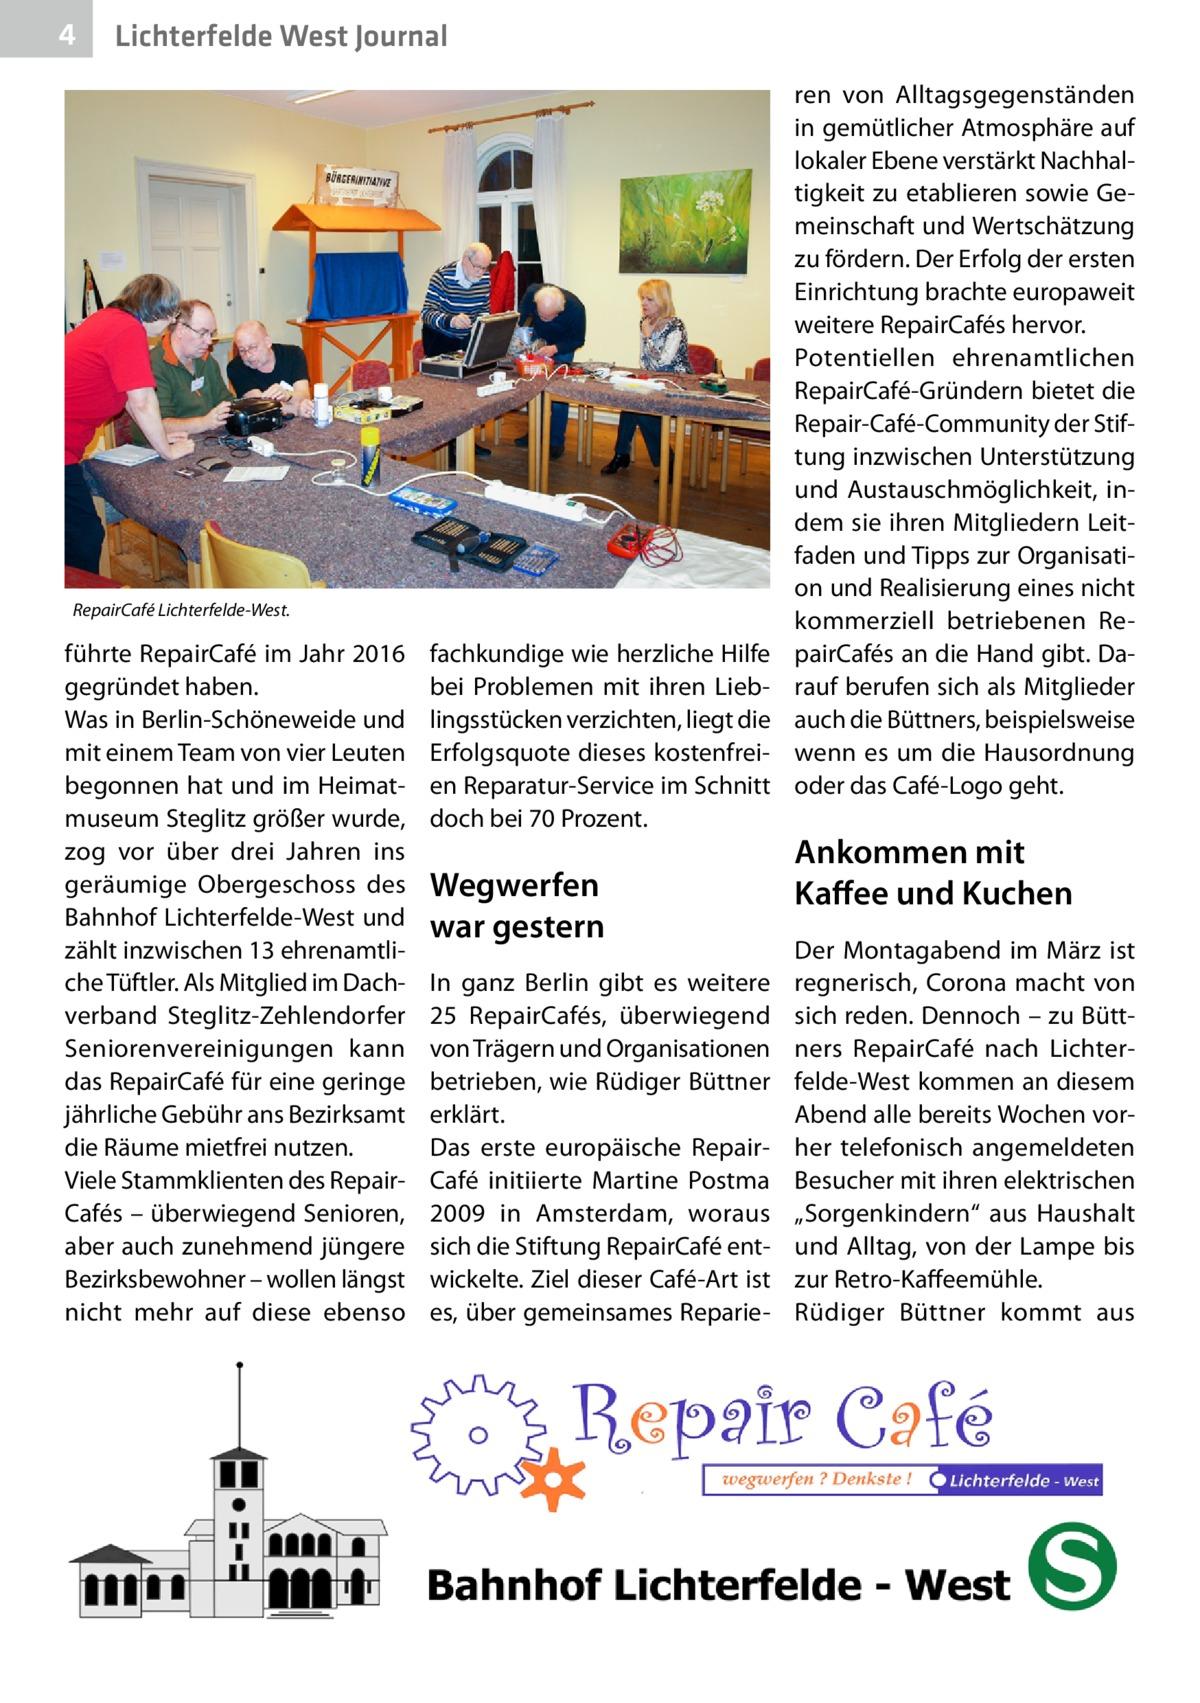 4  Lichterfelde West Journal  RepairCafé Lichterfelde-West.  führte RepairCafé im Jahr 2016 gegründet haben. Was in Berlin-Schöneweide und mit einem Team von vier Leuten begonnen hat und im Heimatmuseum Steglitz größer wurde, zog vor über drei Jahren ins geräumige Obergeschoss des Bahnhof Lichterfelde-West und zählt inzwischen 13 ehrenamtliche Tüftler. Als Mitglied im Dachverband Steglitz-Zehlendorfer Seniorenvereinigungen kann das RepairCafé für eine geringe jährliche Gebühr ans Bezirksamt die Räume mietfrei nutzen. Viele Stammklienten des RepairCafés – überwiegend Senioren, aber auch zunehmend jüngere Bezirksbewohner – wollen längst nicht mehr auf diese ebenso  fachkundige wie herzliche Hilfe bei Problemen mit ihren Lieblingsstücken verzichten, liegt die Erfolgsquote dieses kostenfreien Reparatur-Service im Schnitt doch bei 70Prozent.  Wegwerfen war gestern In ganz Berlin gibt es weitere 25 RepairCafés, überwiegend von Trägern und Organisationen betrieben, wie Rüdiger Büttner erklärt. Das erste europäische Repair Café initiierte Martine Postma 2009 in Amsterdam, woraus sich die Stiftung RepairCafé entwickelte. Ziel dieser Café-Art ist es, über gemeinsames Reparie ren von Alltagsgegenständen in gemütlicher Atmosphäre auf lokaler Ebene verstärkt Nachhaltigkeit zu etablieren sowie Gemeinschaft und Wertschätzung zu fördern. Der Erfolg der ersten Einrichtung brachte europaweit weitere RepairCafés hervor. Potentiellen ehrenamtlichen RepairCafé-Gründern bietet die Repair-Café-Community der Stiftung inzwischen Unterstützung und Austauschmöglichkeit, indem sie ihren Mitgliedern Leitfaden und Tipps zur Organisation und Realisierung eines nicht kommerziell betriebenen RepairCafés an die Hand gibt. Darauf berufen sich als Mitglieder auch die Büttners, beispielsweise wenn es um die Hausordnung oder das C  afé-Logo geht.  Ankommen mit Kaffee und Kuchen Der Montagabend im März ist regnerisch, Corona macht von sich reden. Dennoch – zu Büttners RepairCafé nach Lichterfelde-West ko